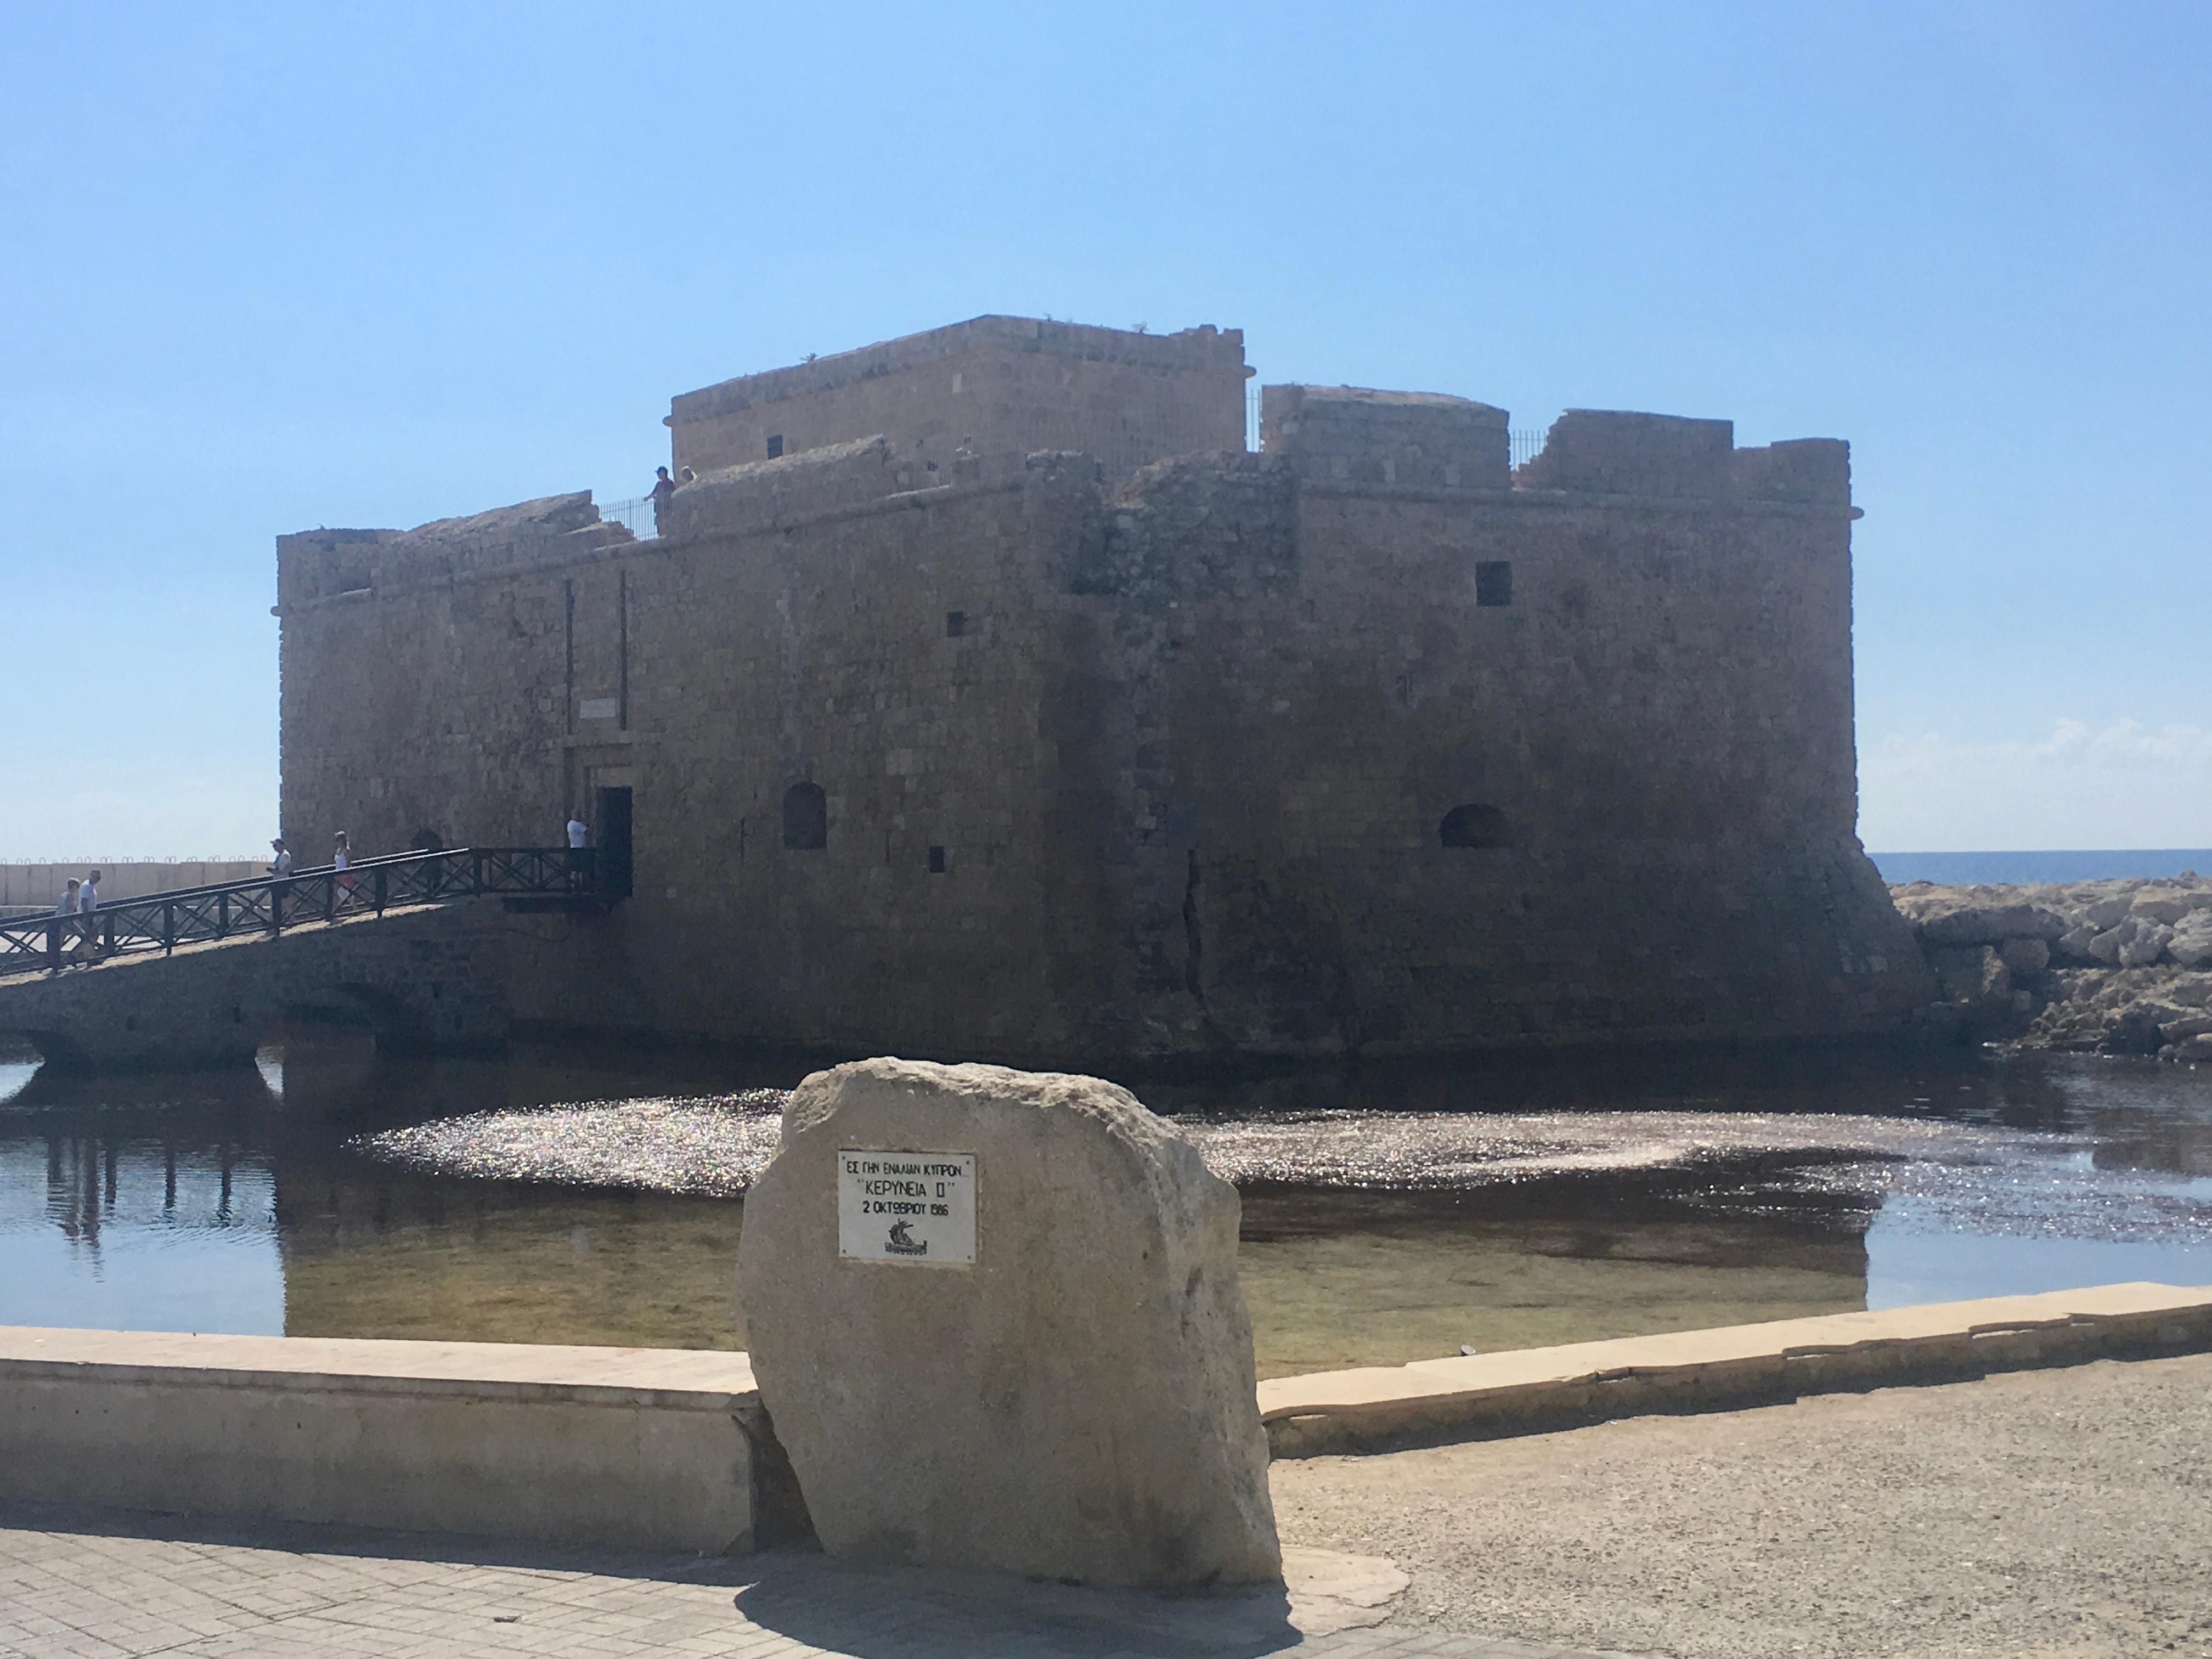 Le fort médiatique, Kato de Paphos